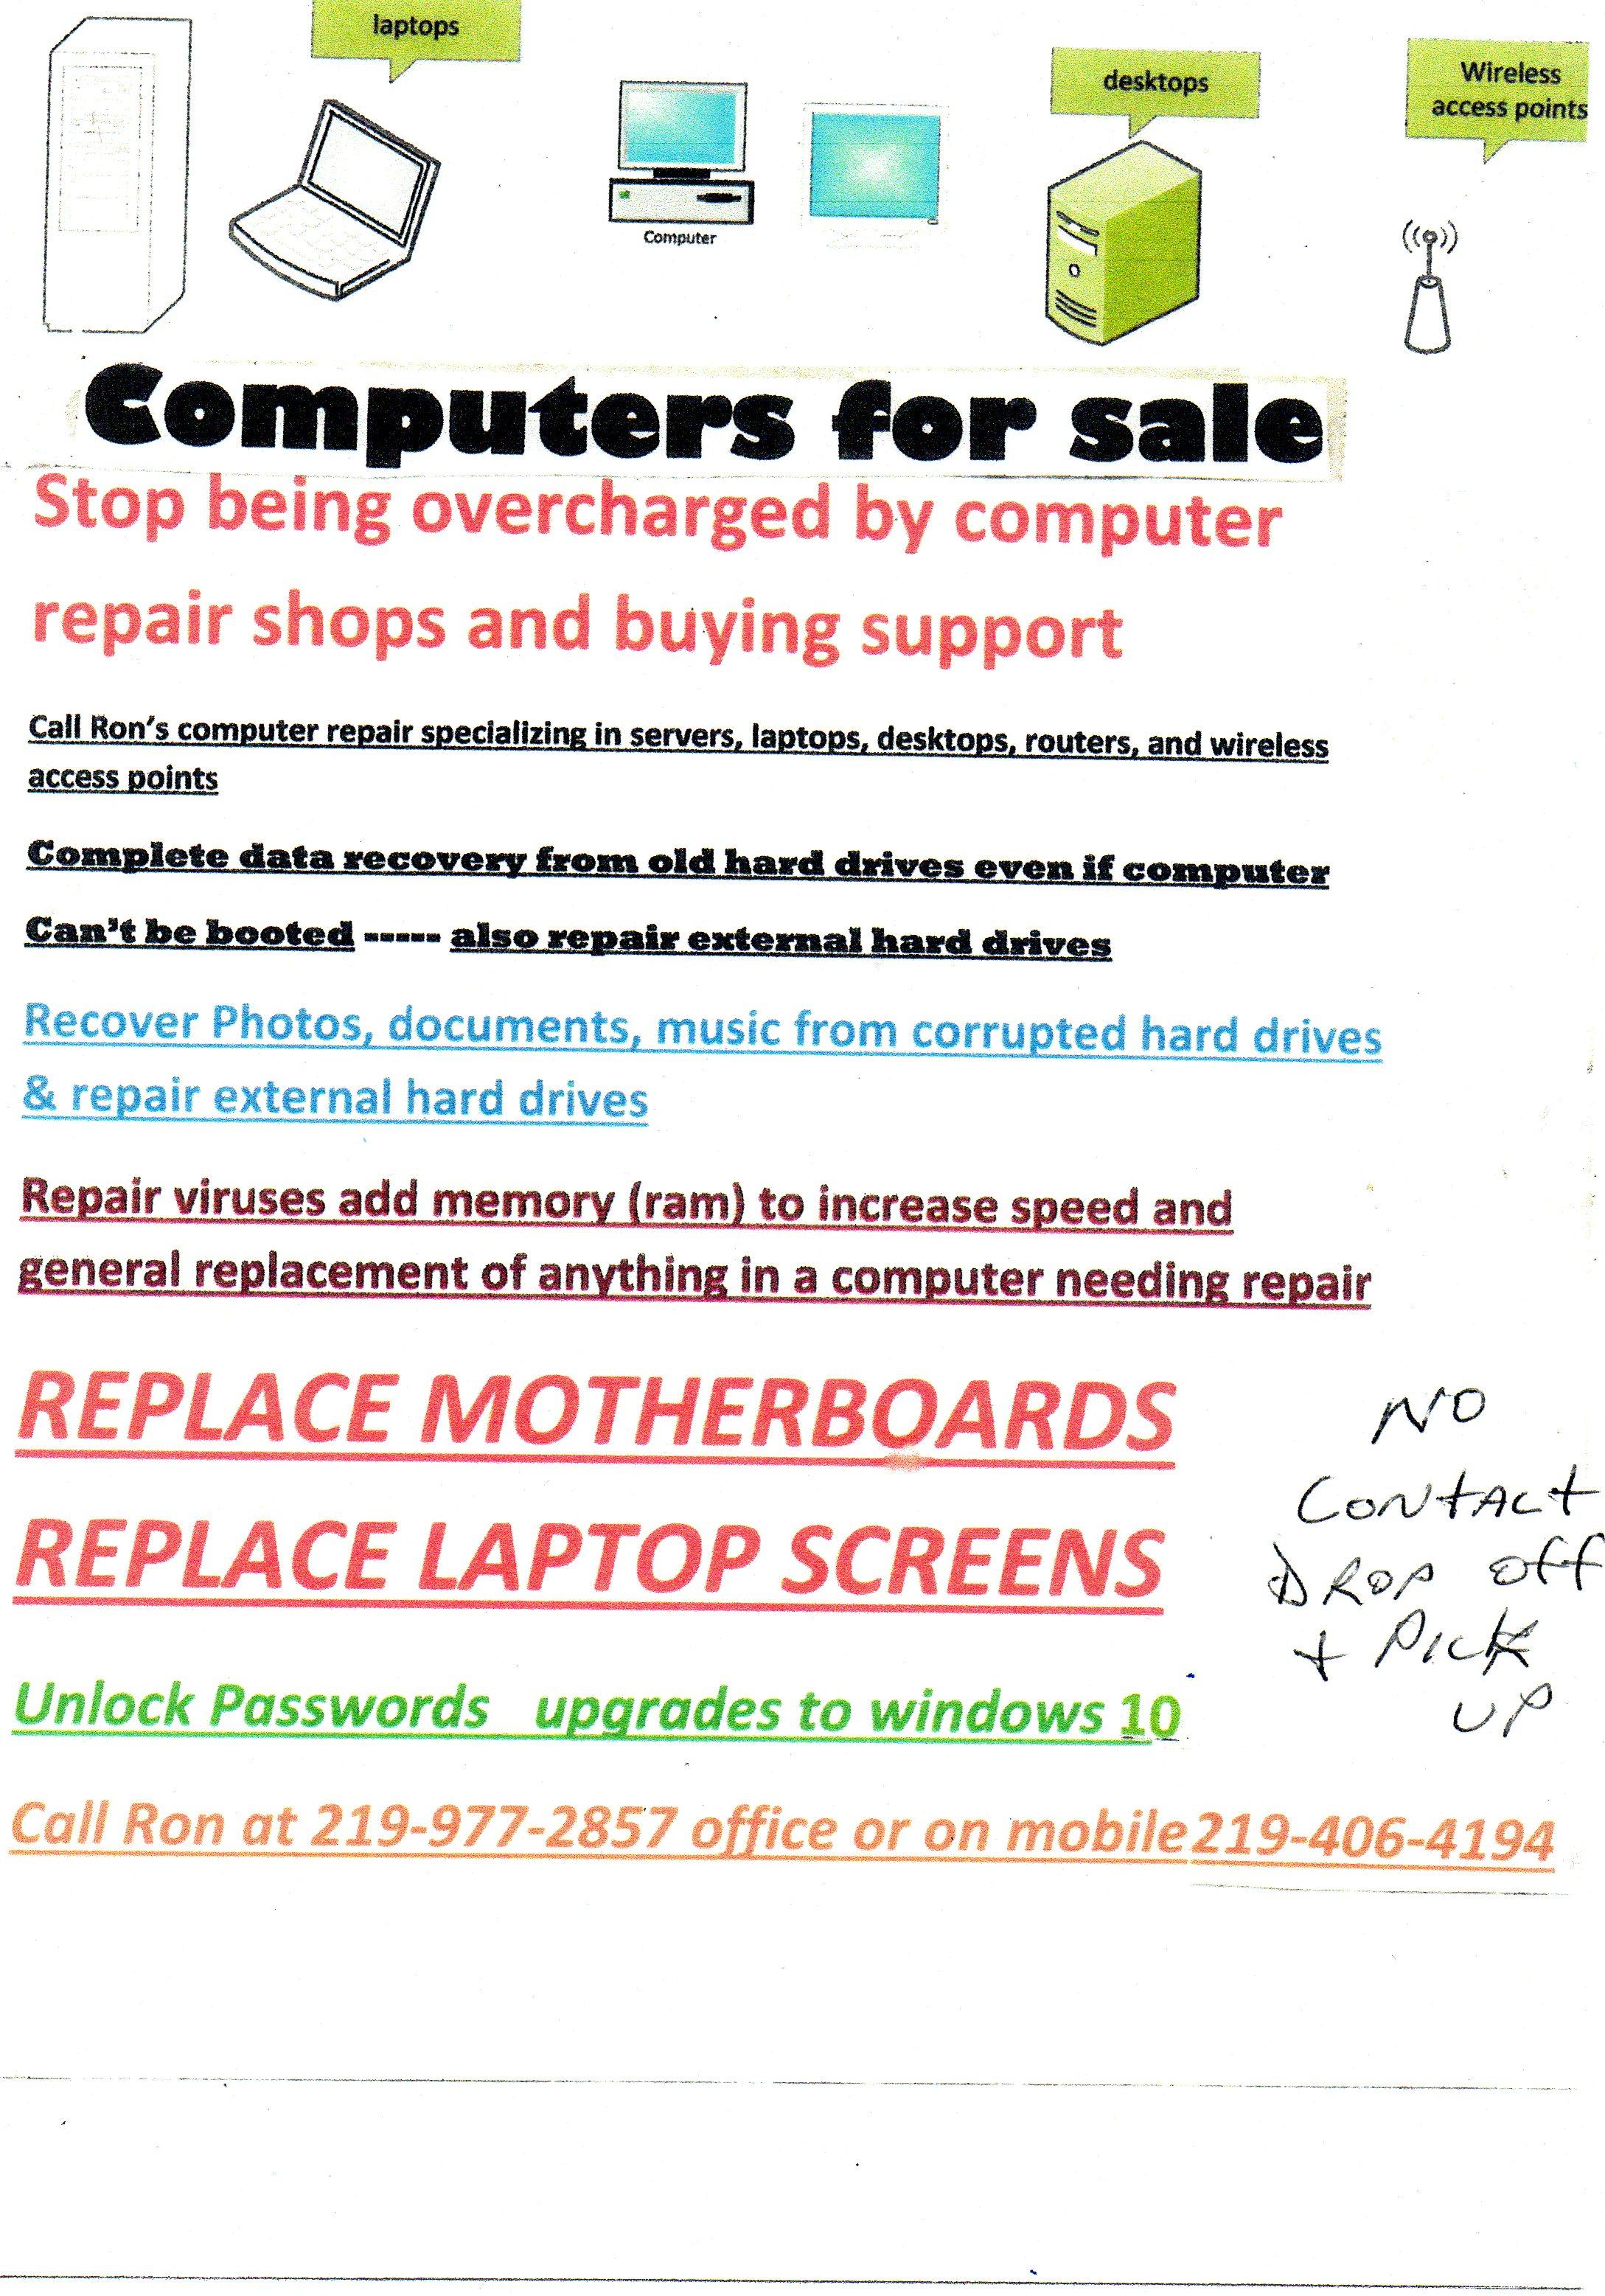 Ron's Computer Repair